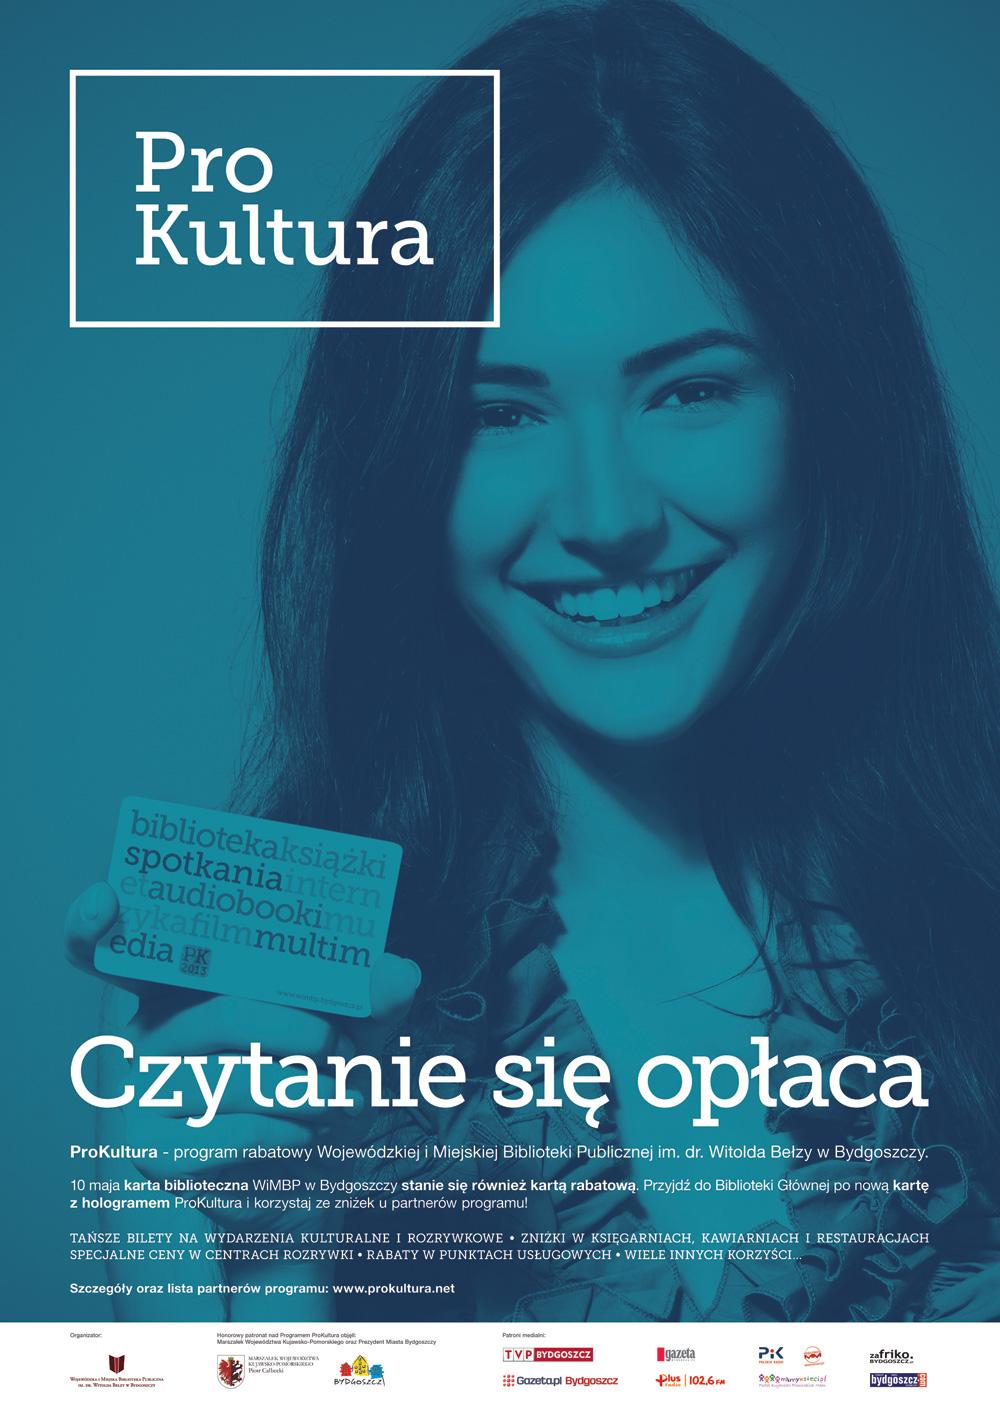 ProKultura Bydgoszcz